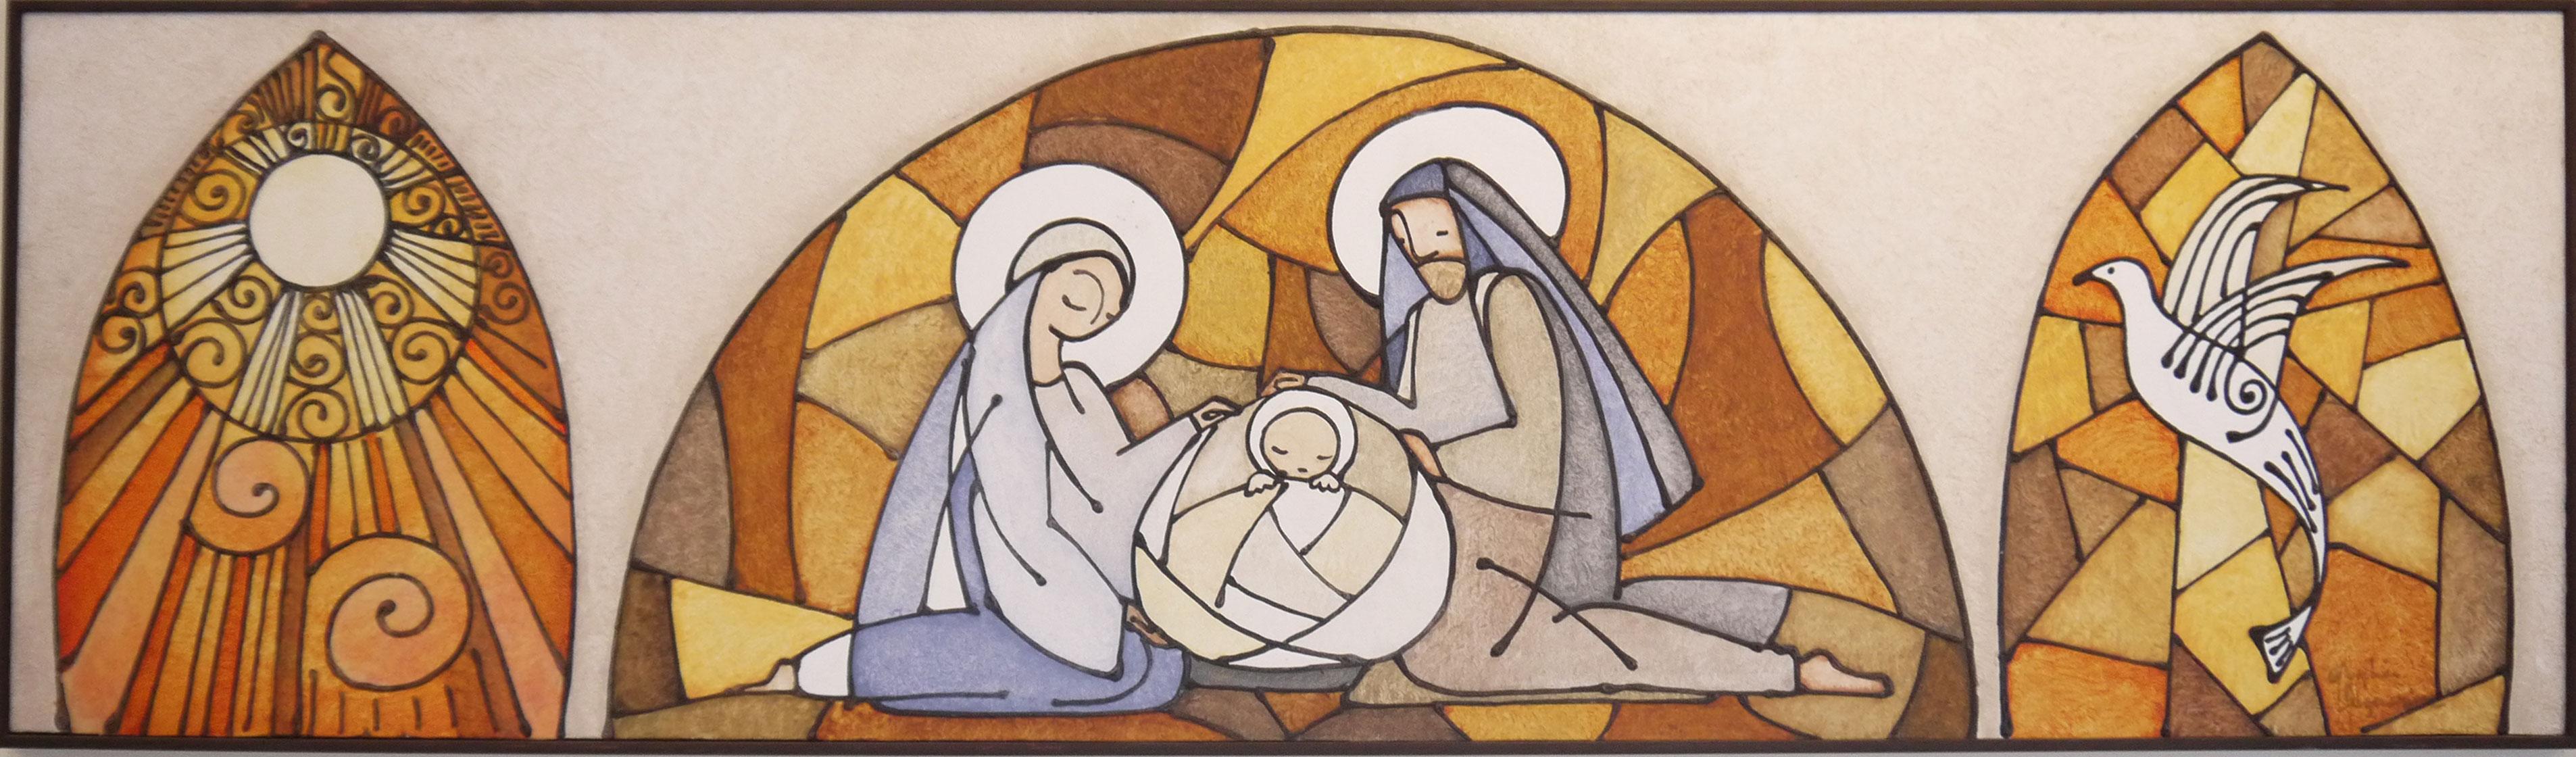 Presepe (Sacra Famiglia) 40x140 - Acrilico, stucco e sabbia su tela